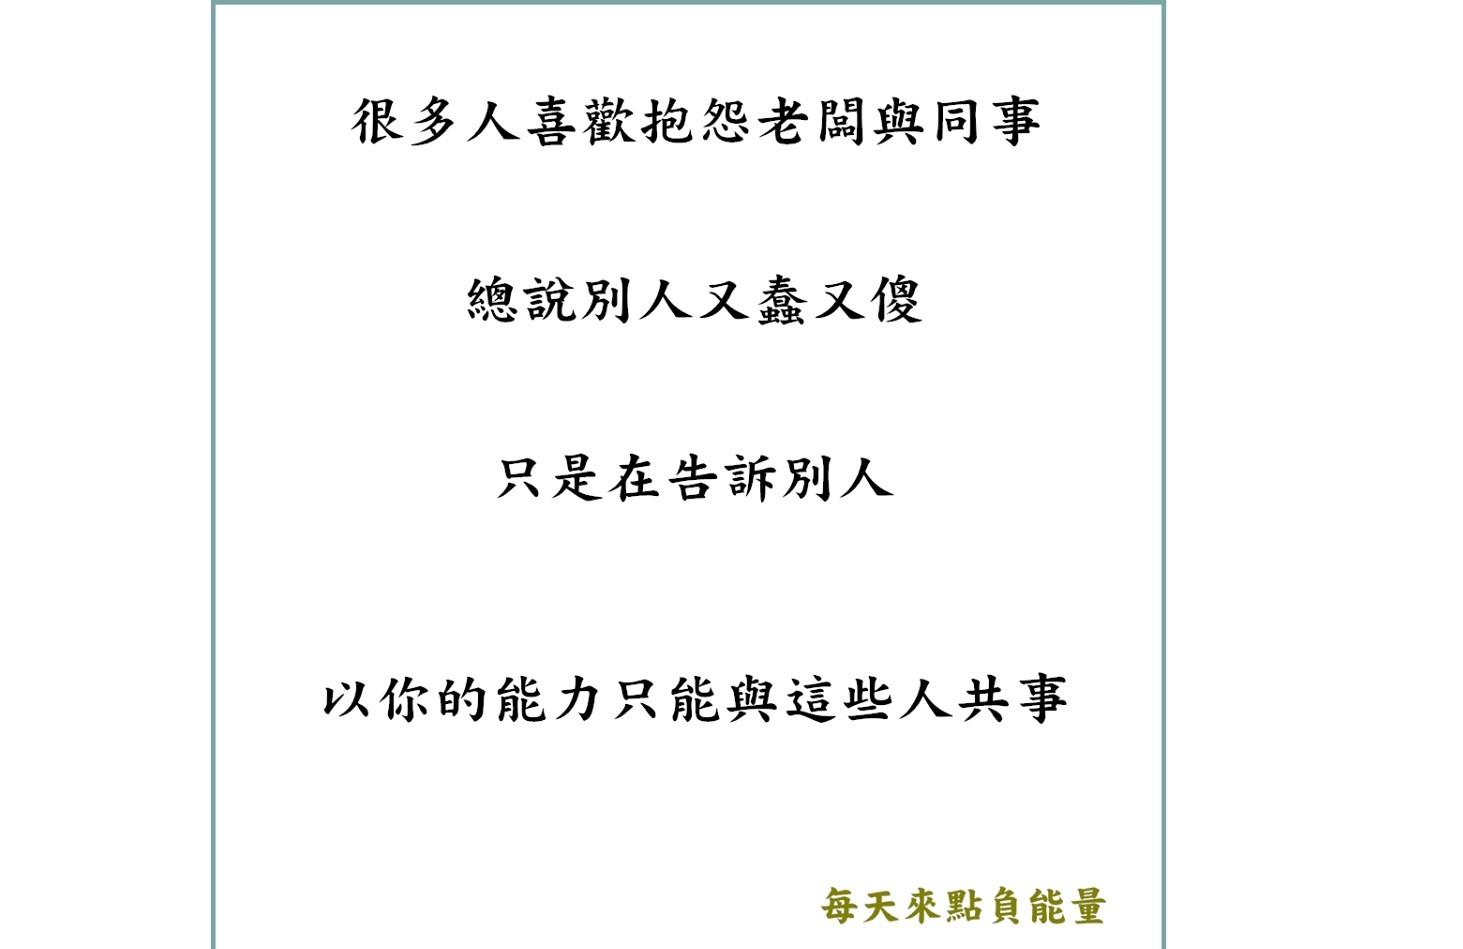 https://cdn2.ettoday.net/images/1355/1355652.jpg